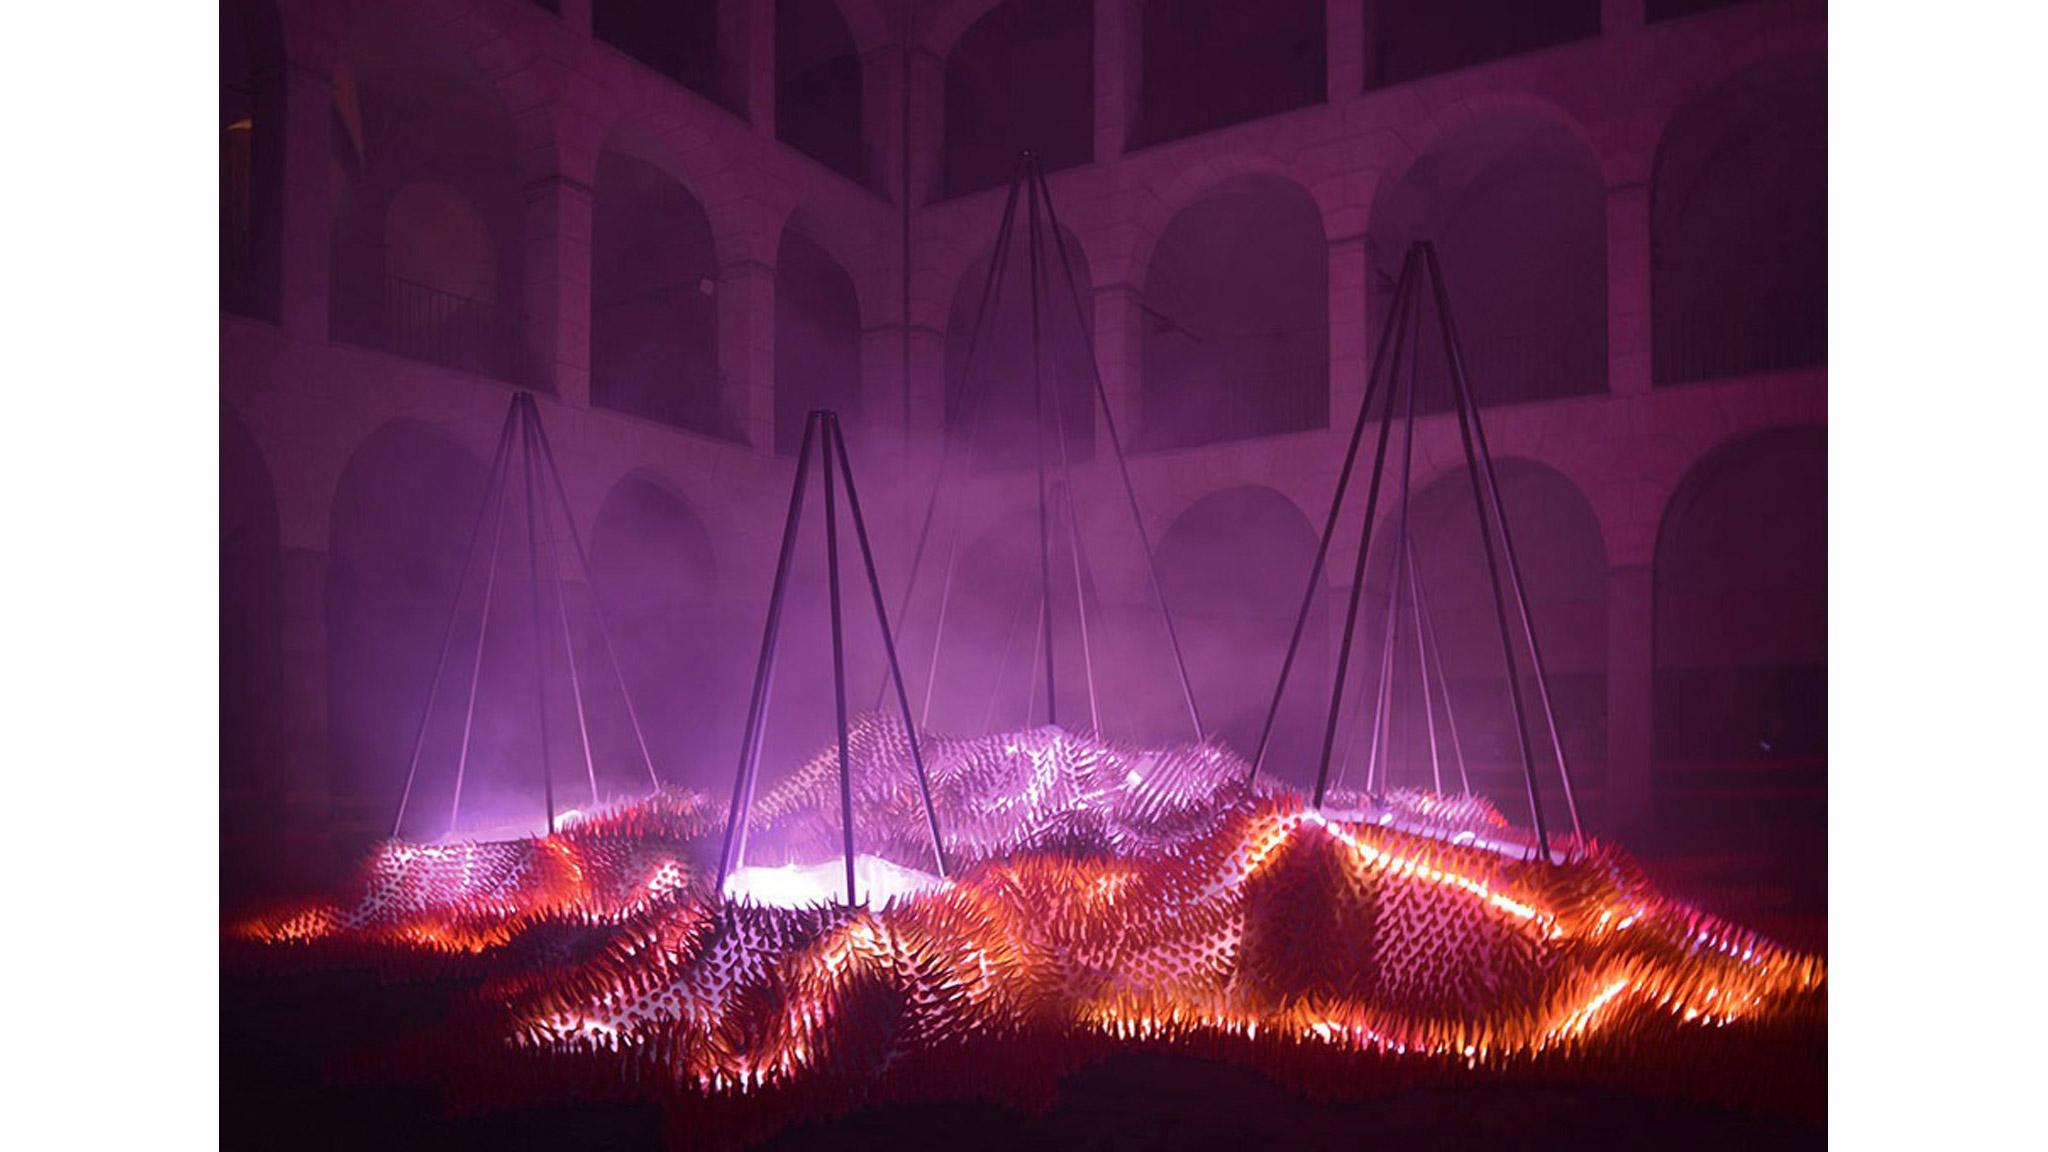 atelier4-anna-junca-interiorista-banyoles-efimera-hell-sweet-hell-4747